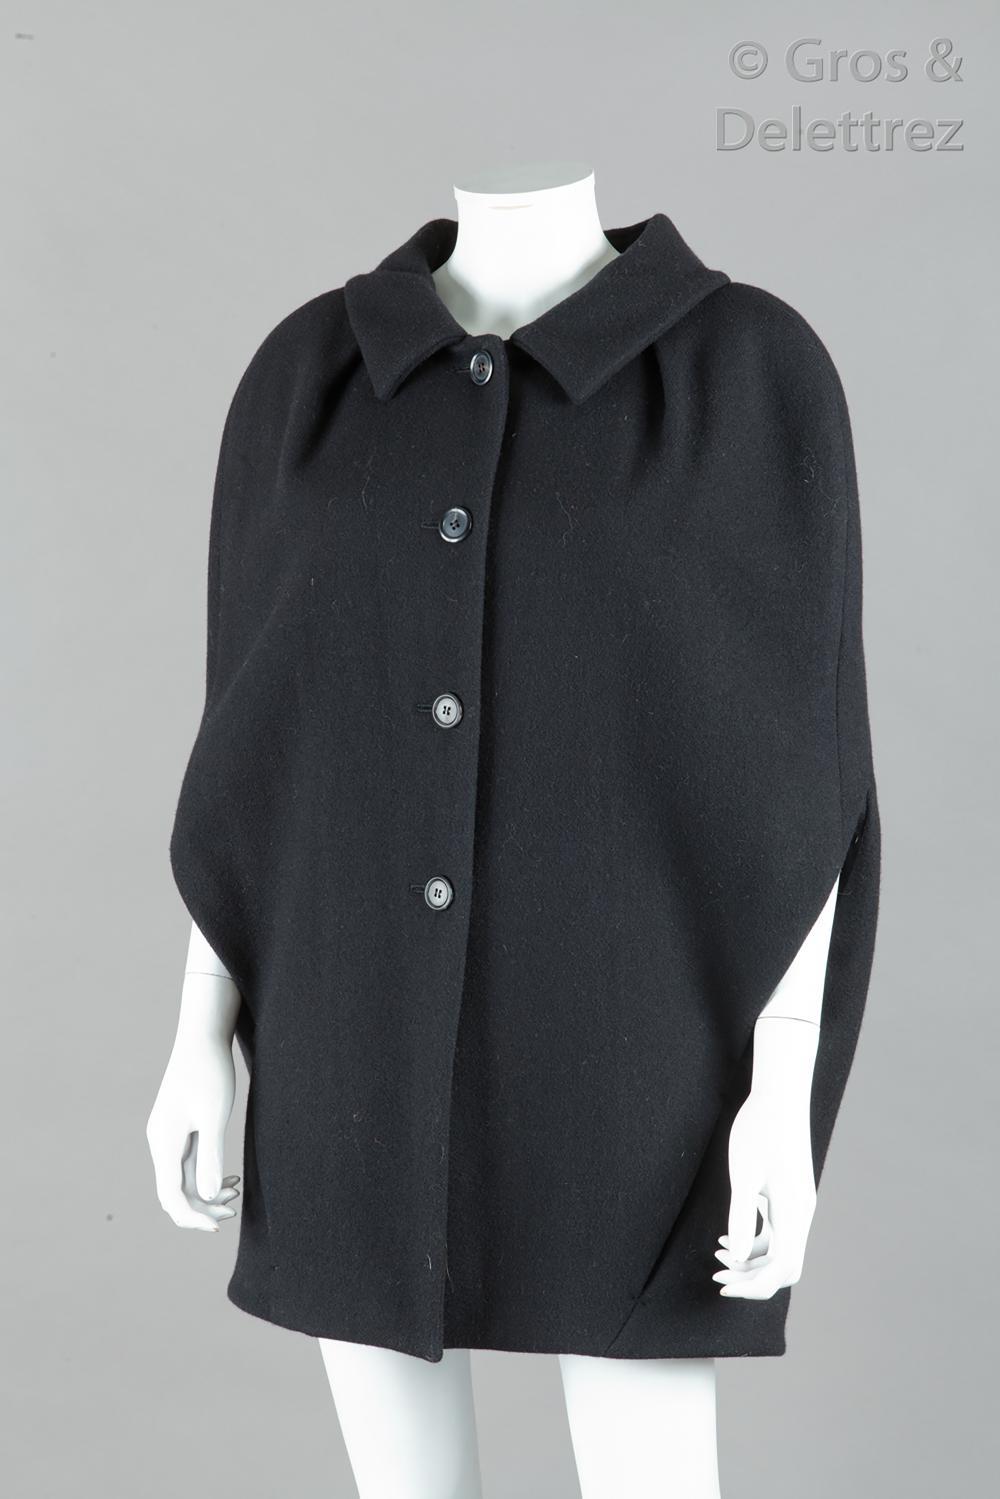 Louis VUITTON - Collection Prêt-à-Porter Automne/Hiver 2009-2010 « Hommage à la couture des années 1980 » - Modèle de défilé passage n°15